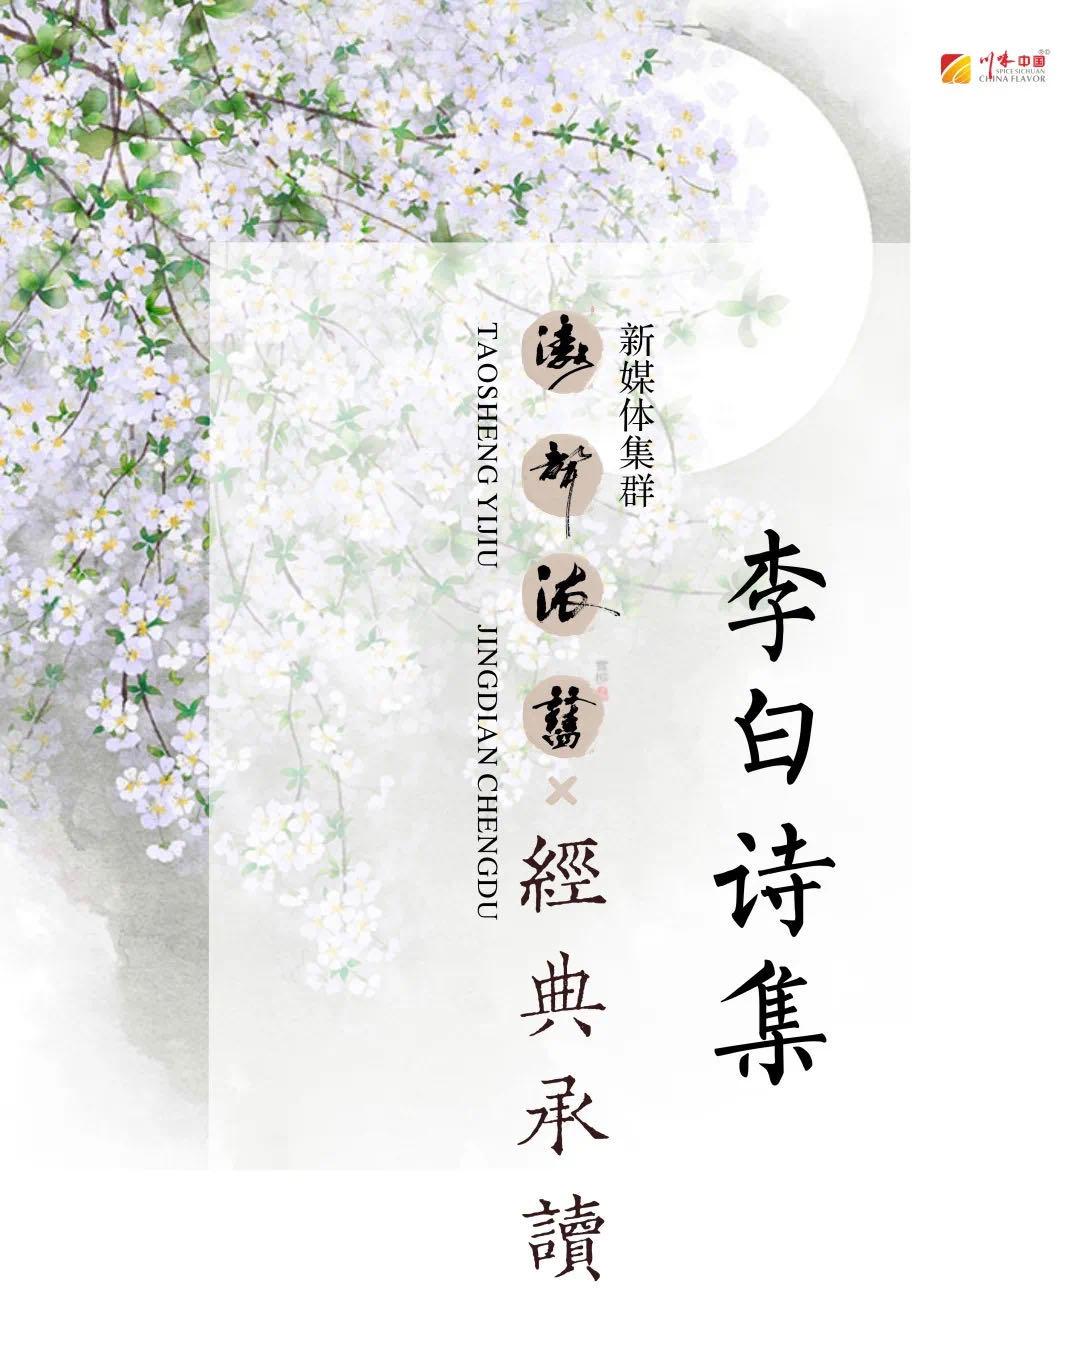 2021,川味中国 | 凝聚嘉彰 ,共创辉煌(图11)